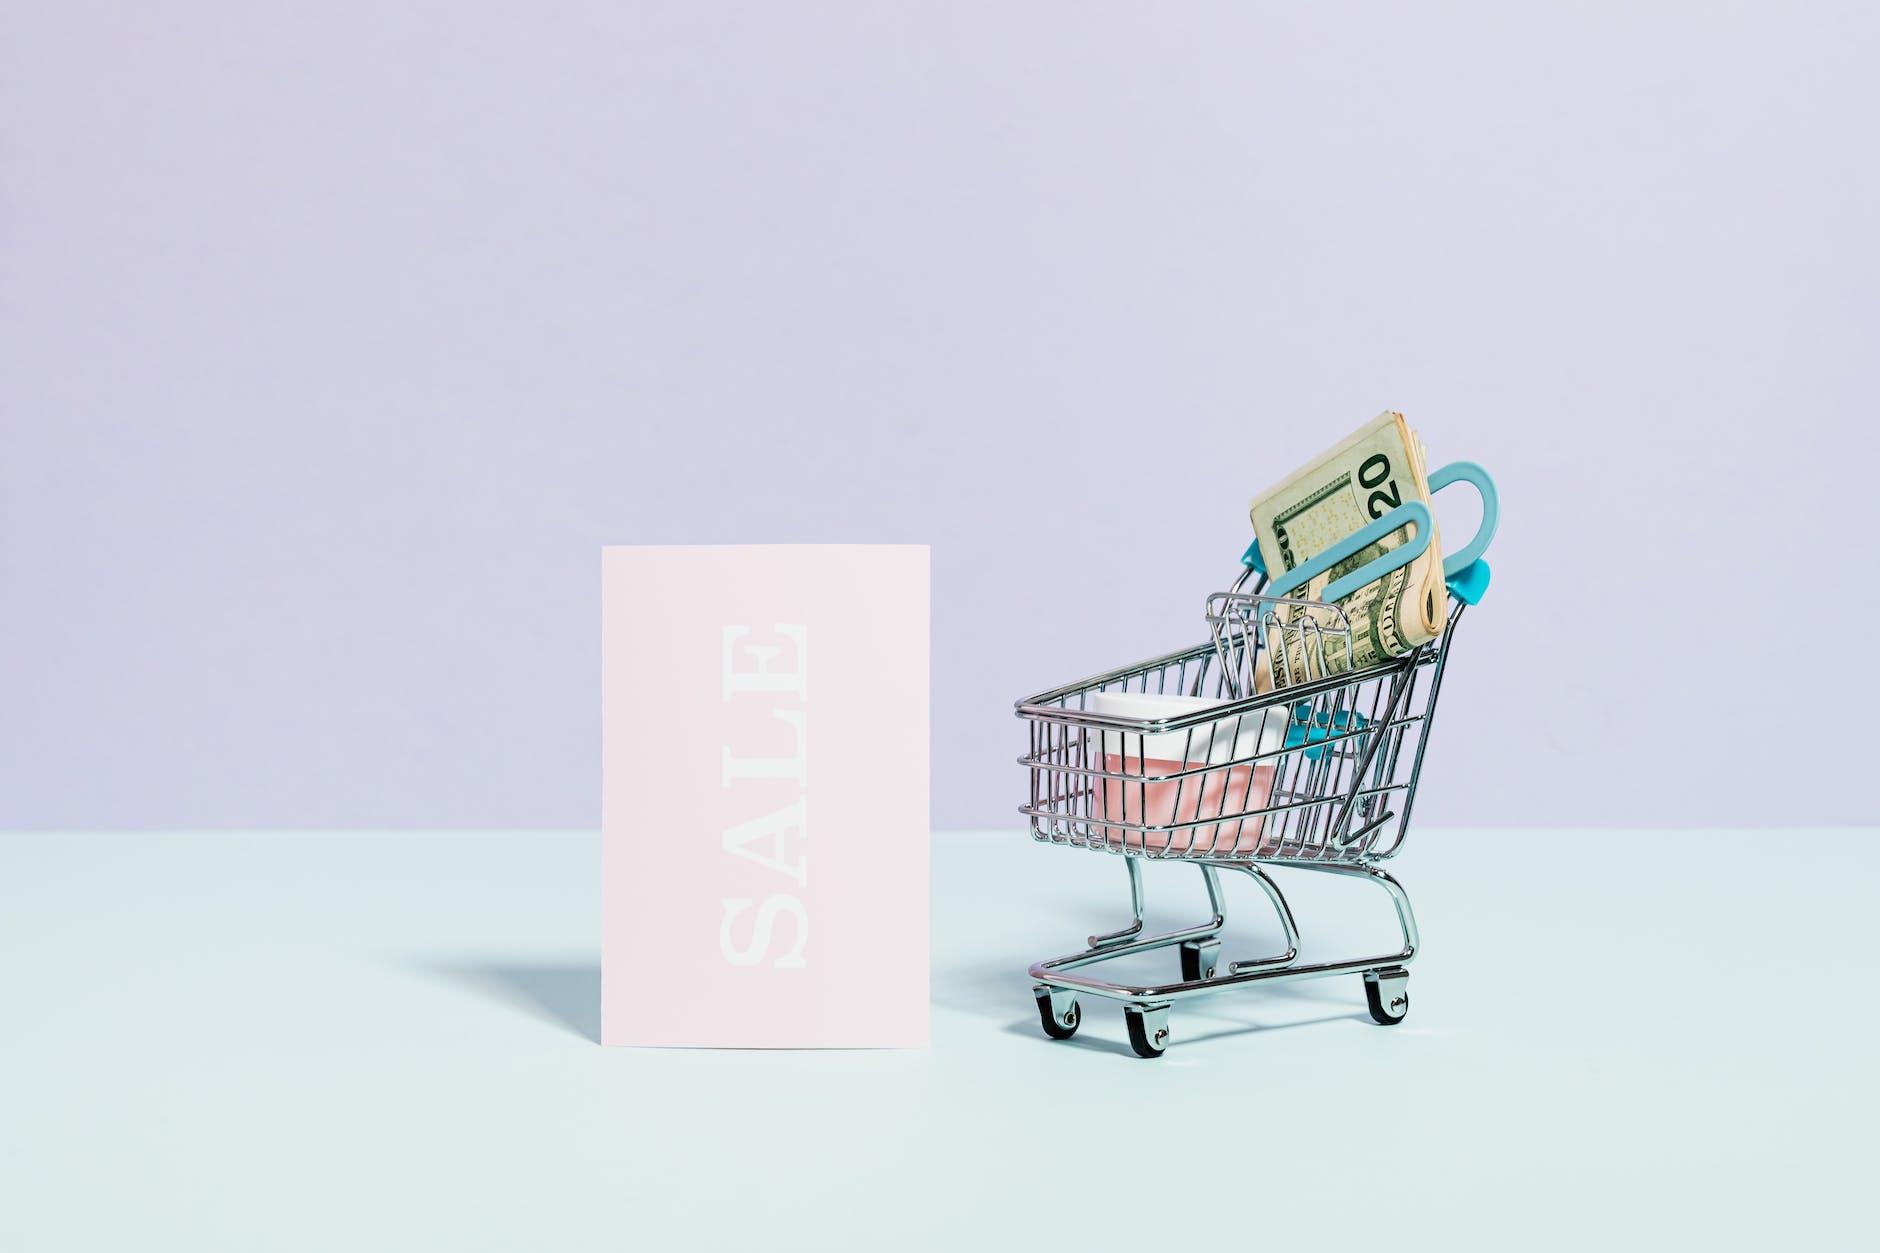 Le service après-vente des boutiques en ligne : meilleurs conseils pour satisfaire votre clientèle